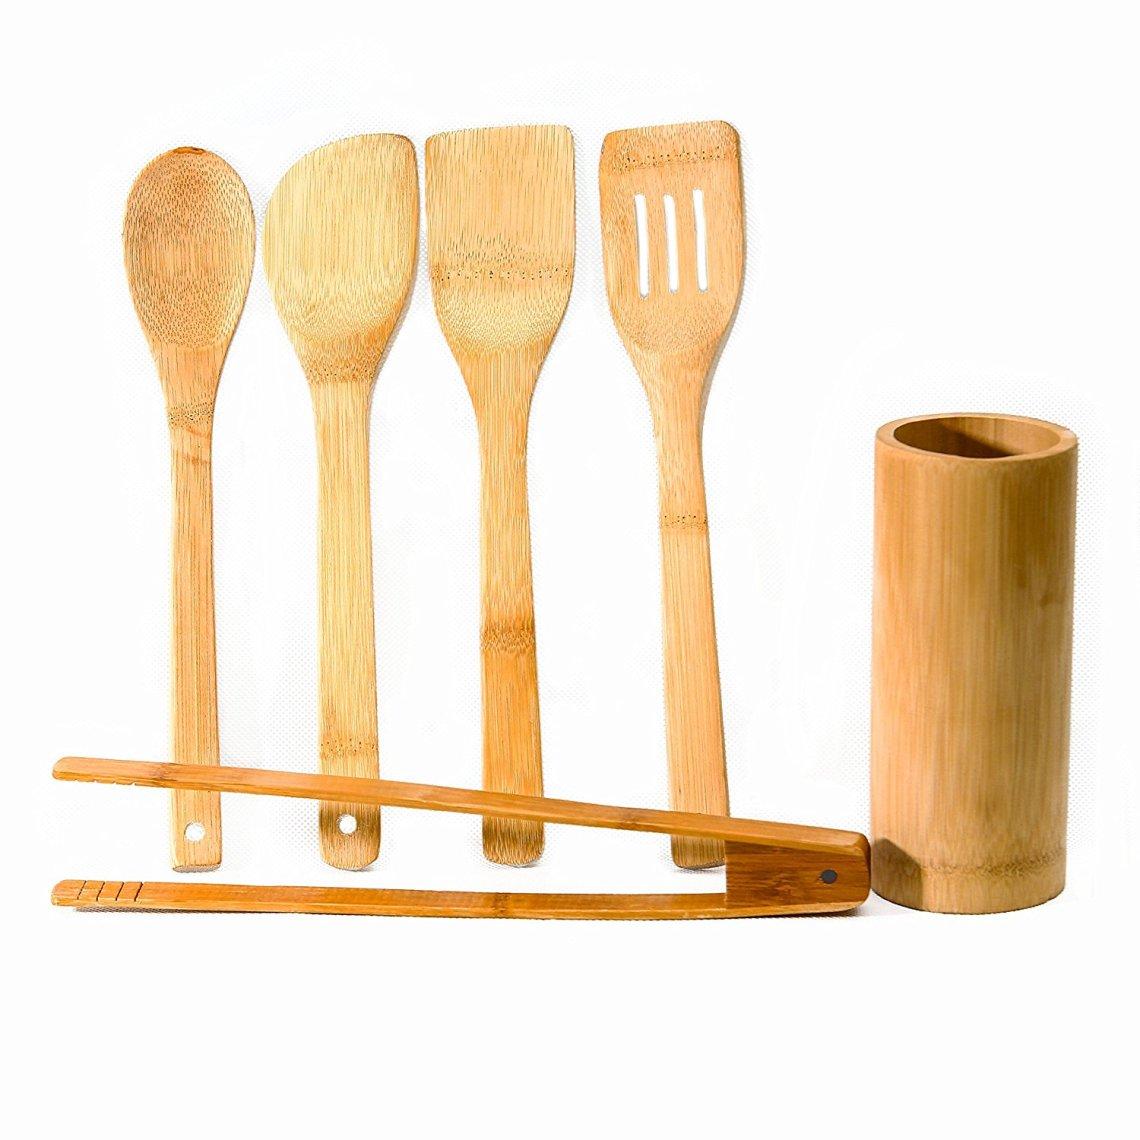 91G1nvNzszL. SL1500 - On a testé : Les ustensiles de cuisine en bambou Artecsis